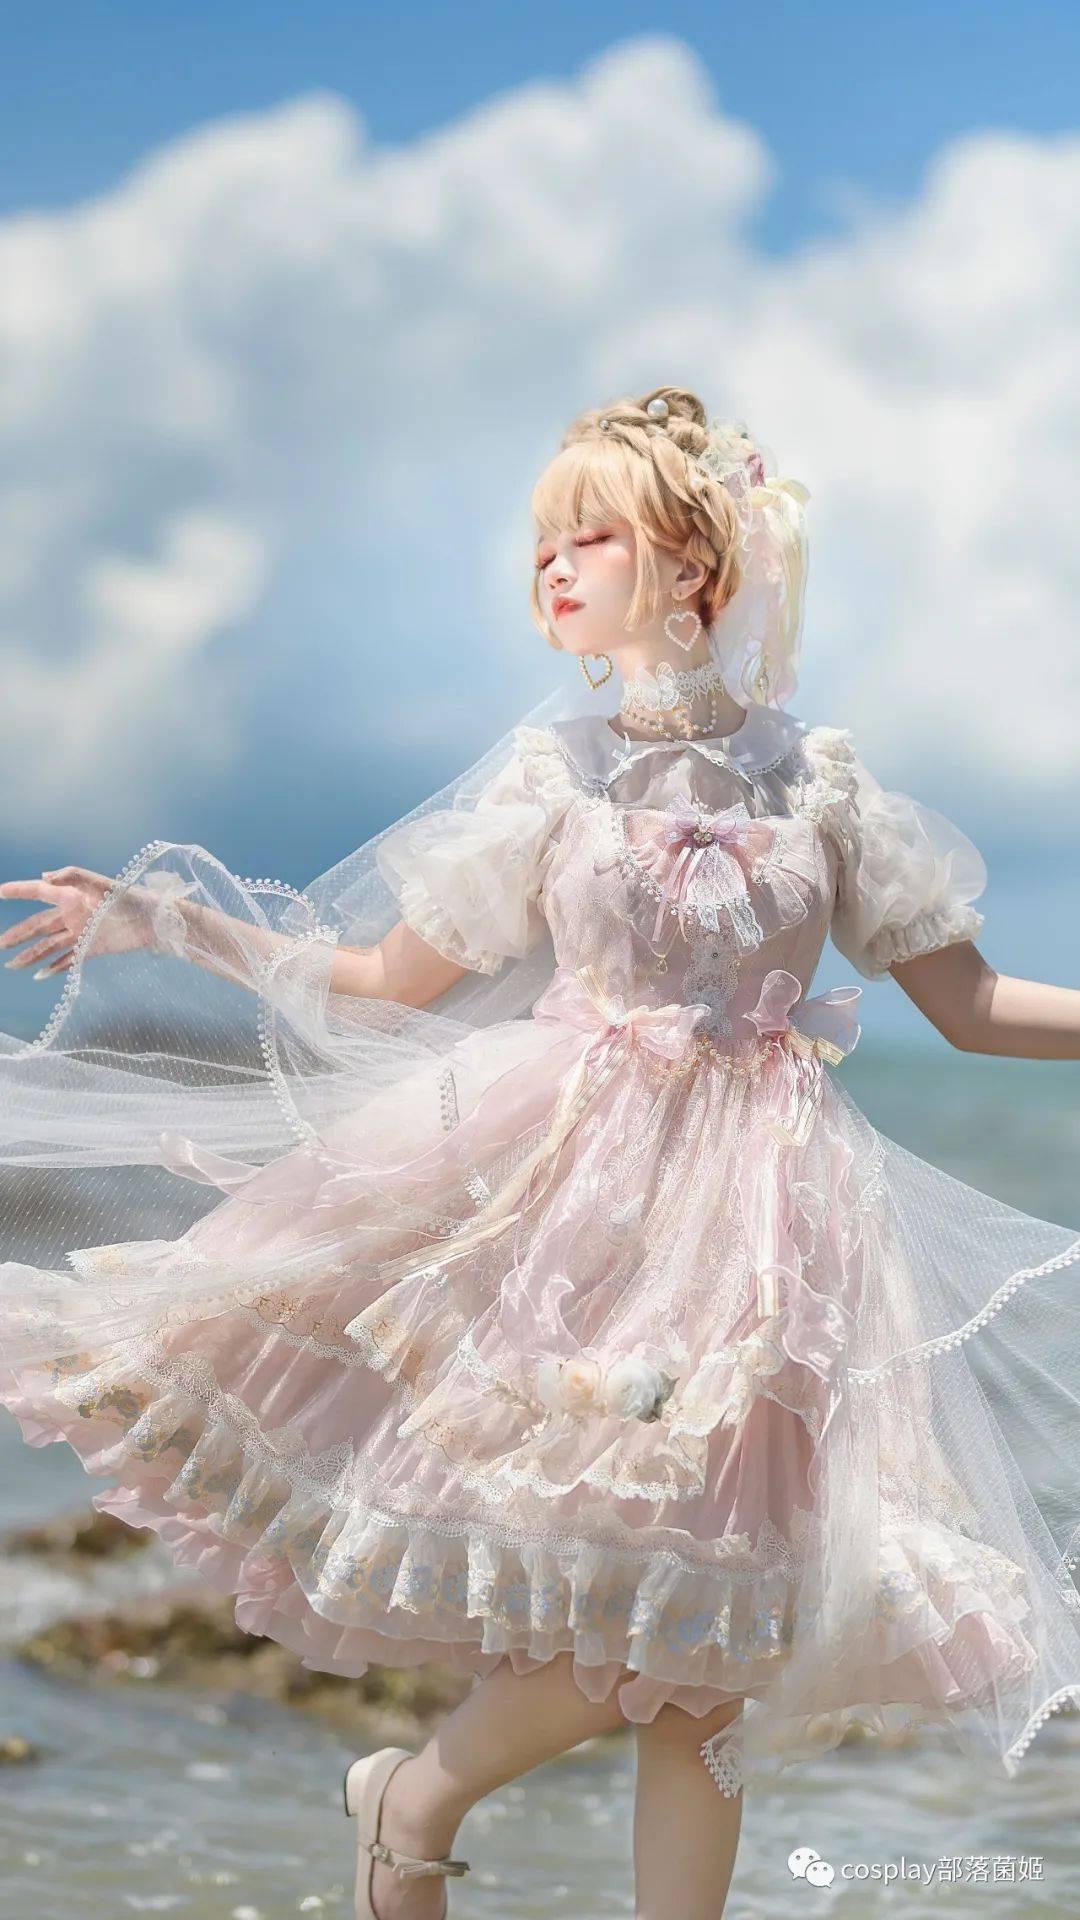 Lolita:桃之春昼,梦中出现无数次的仙女